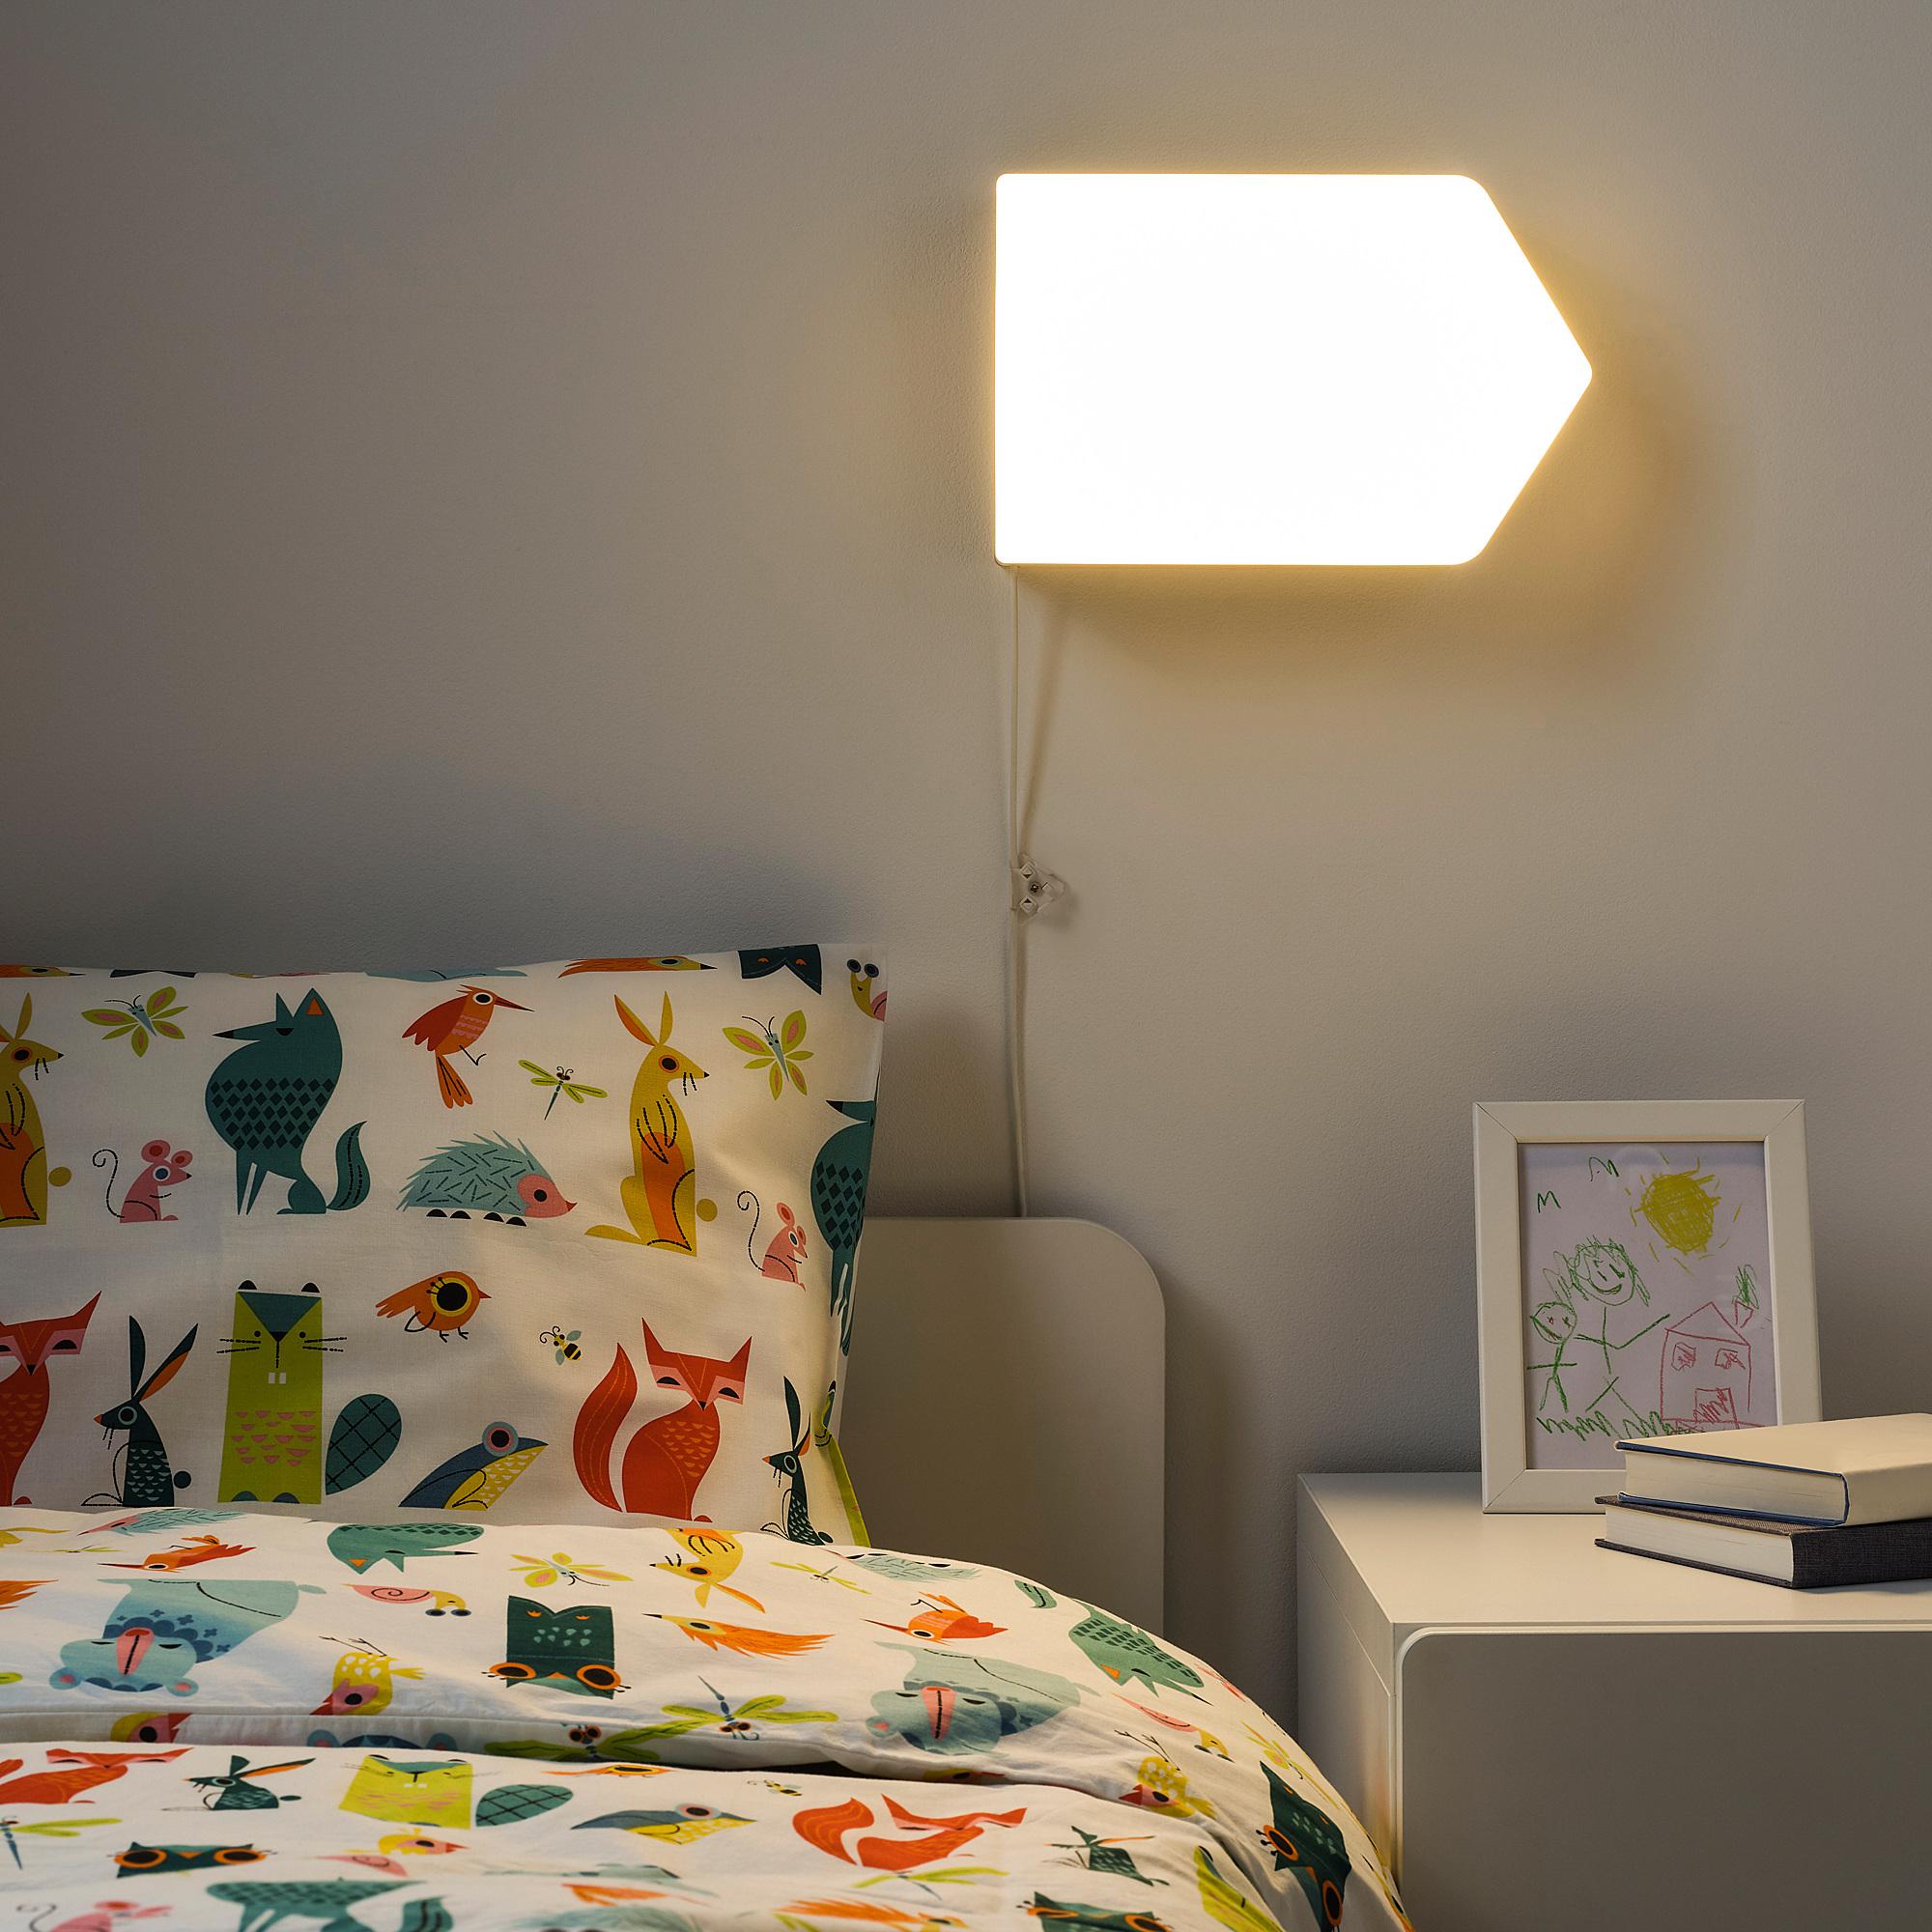 Bagaren Lampu Dinding Led Anak Panah Putih Hitam Ikea Indonesia Lampu dinding kamar tidur